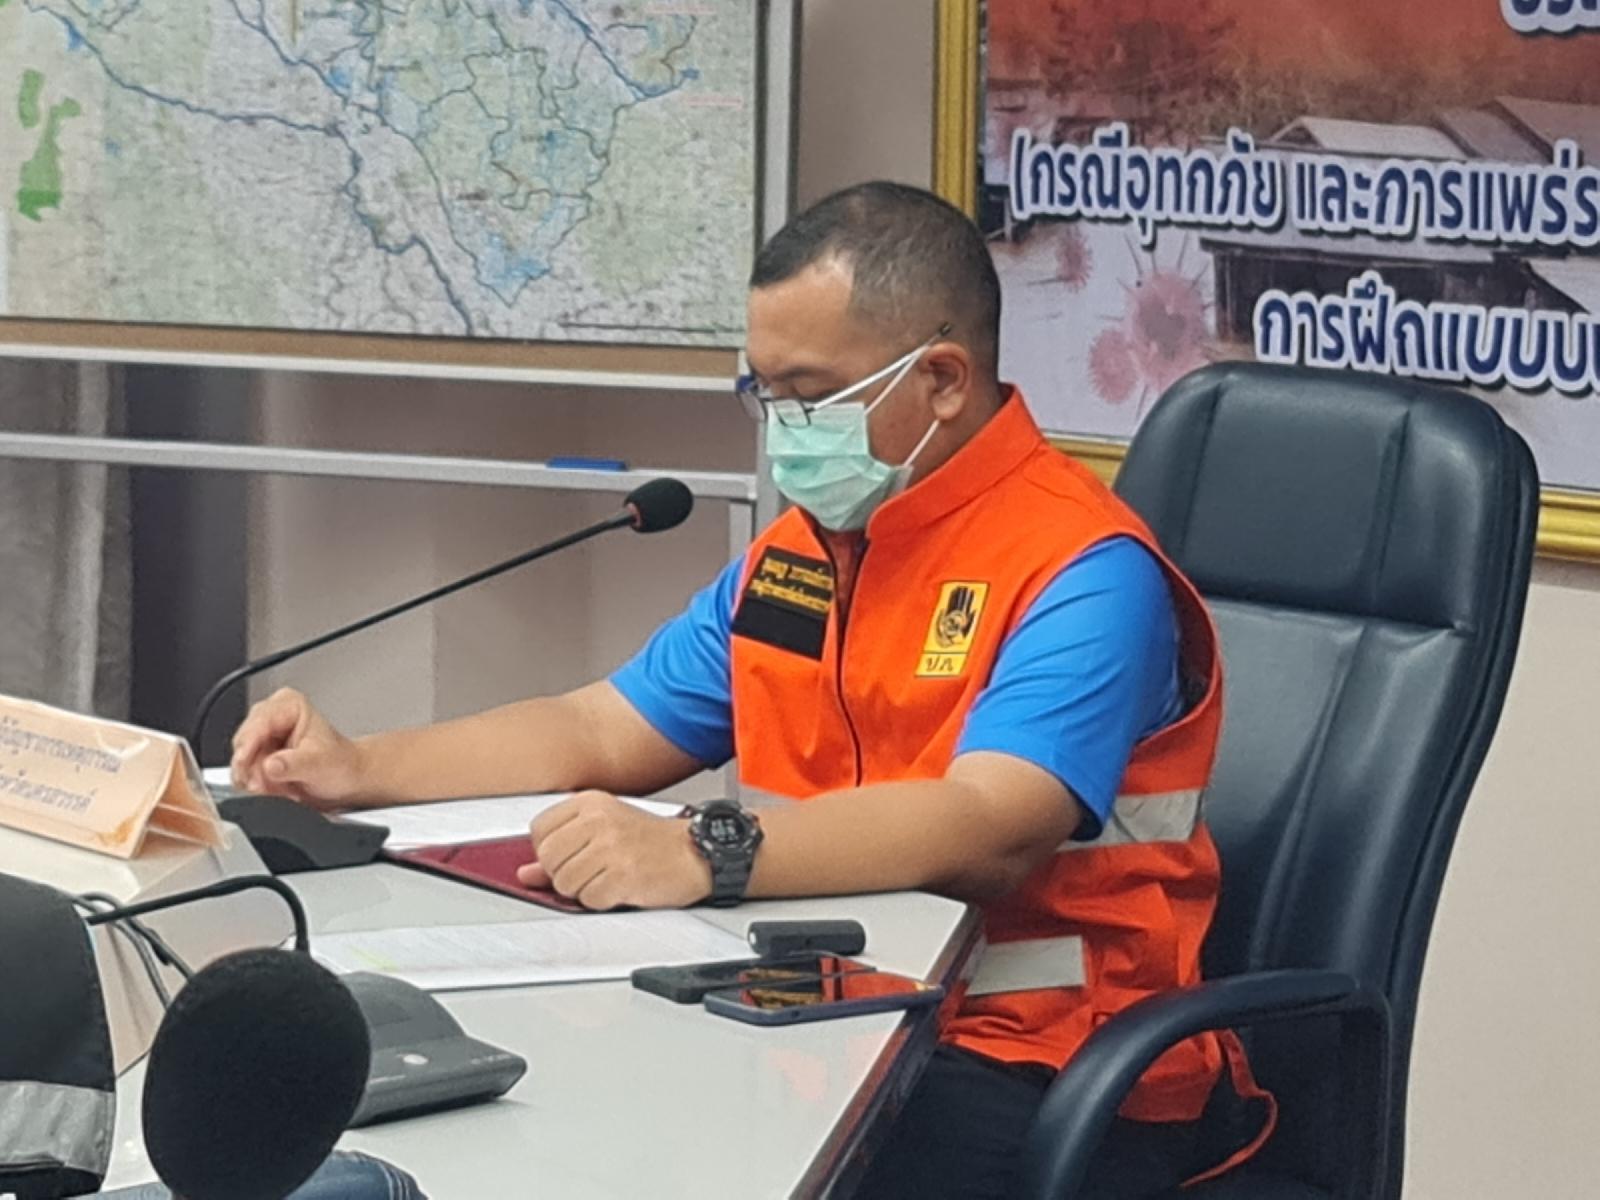 นครสวรรค์ เปิดการฝึกศูนย์บัญชาการเหตุการณ์จังหวัด เตรียมความพร้อมรับสถานการณ์อุทกภัย